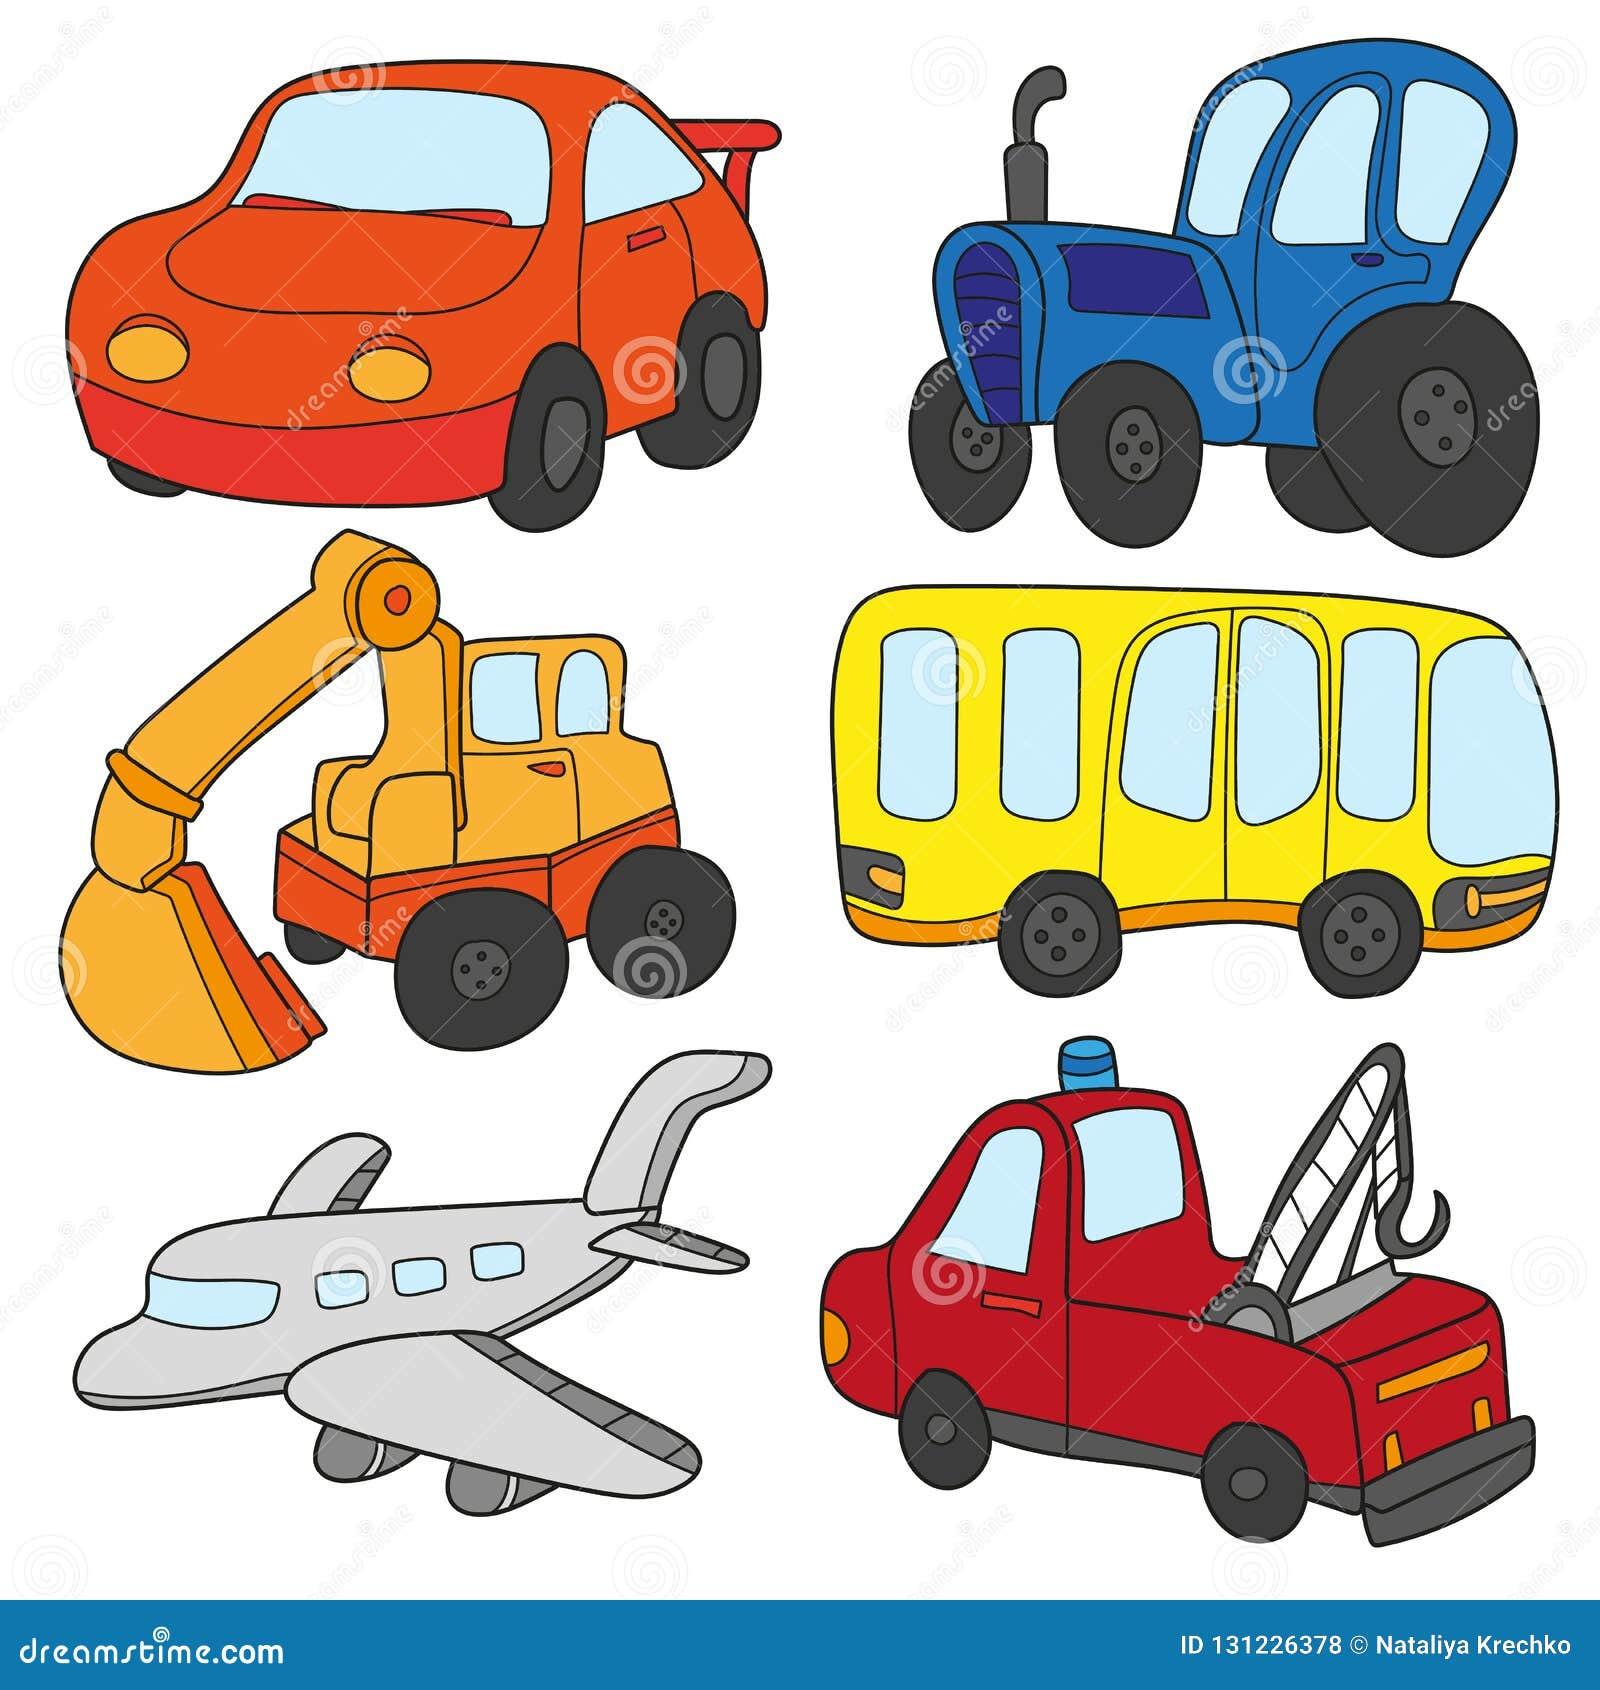 Colecao Dos Carros Dos Desenhos Animados Vetor Do Tema Do